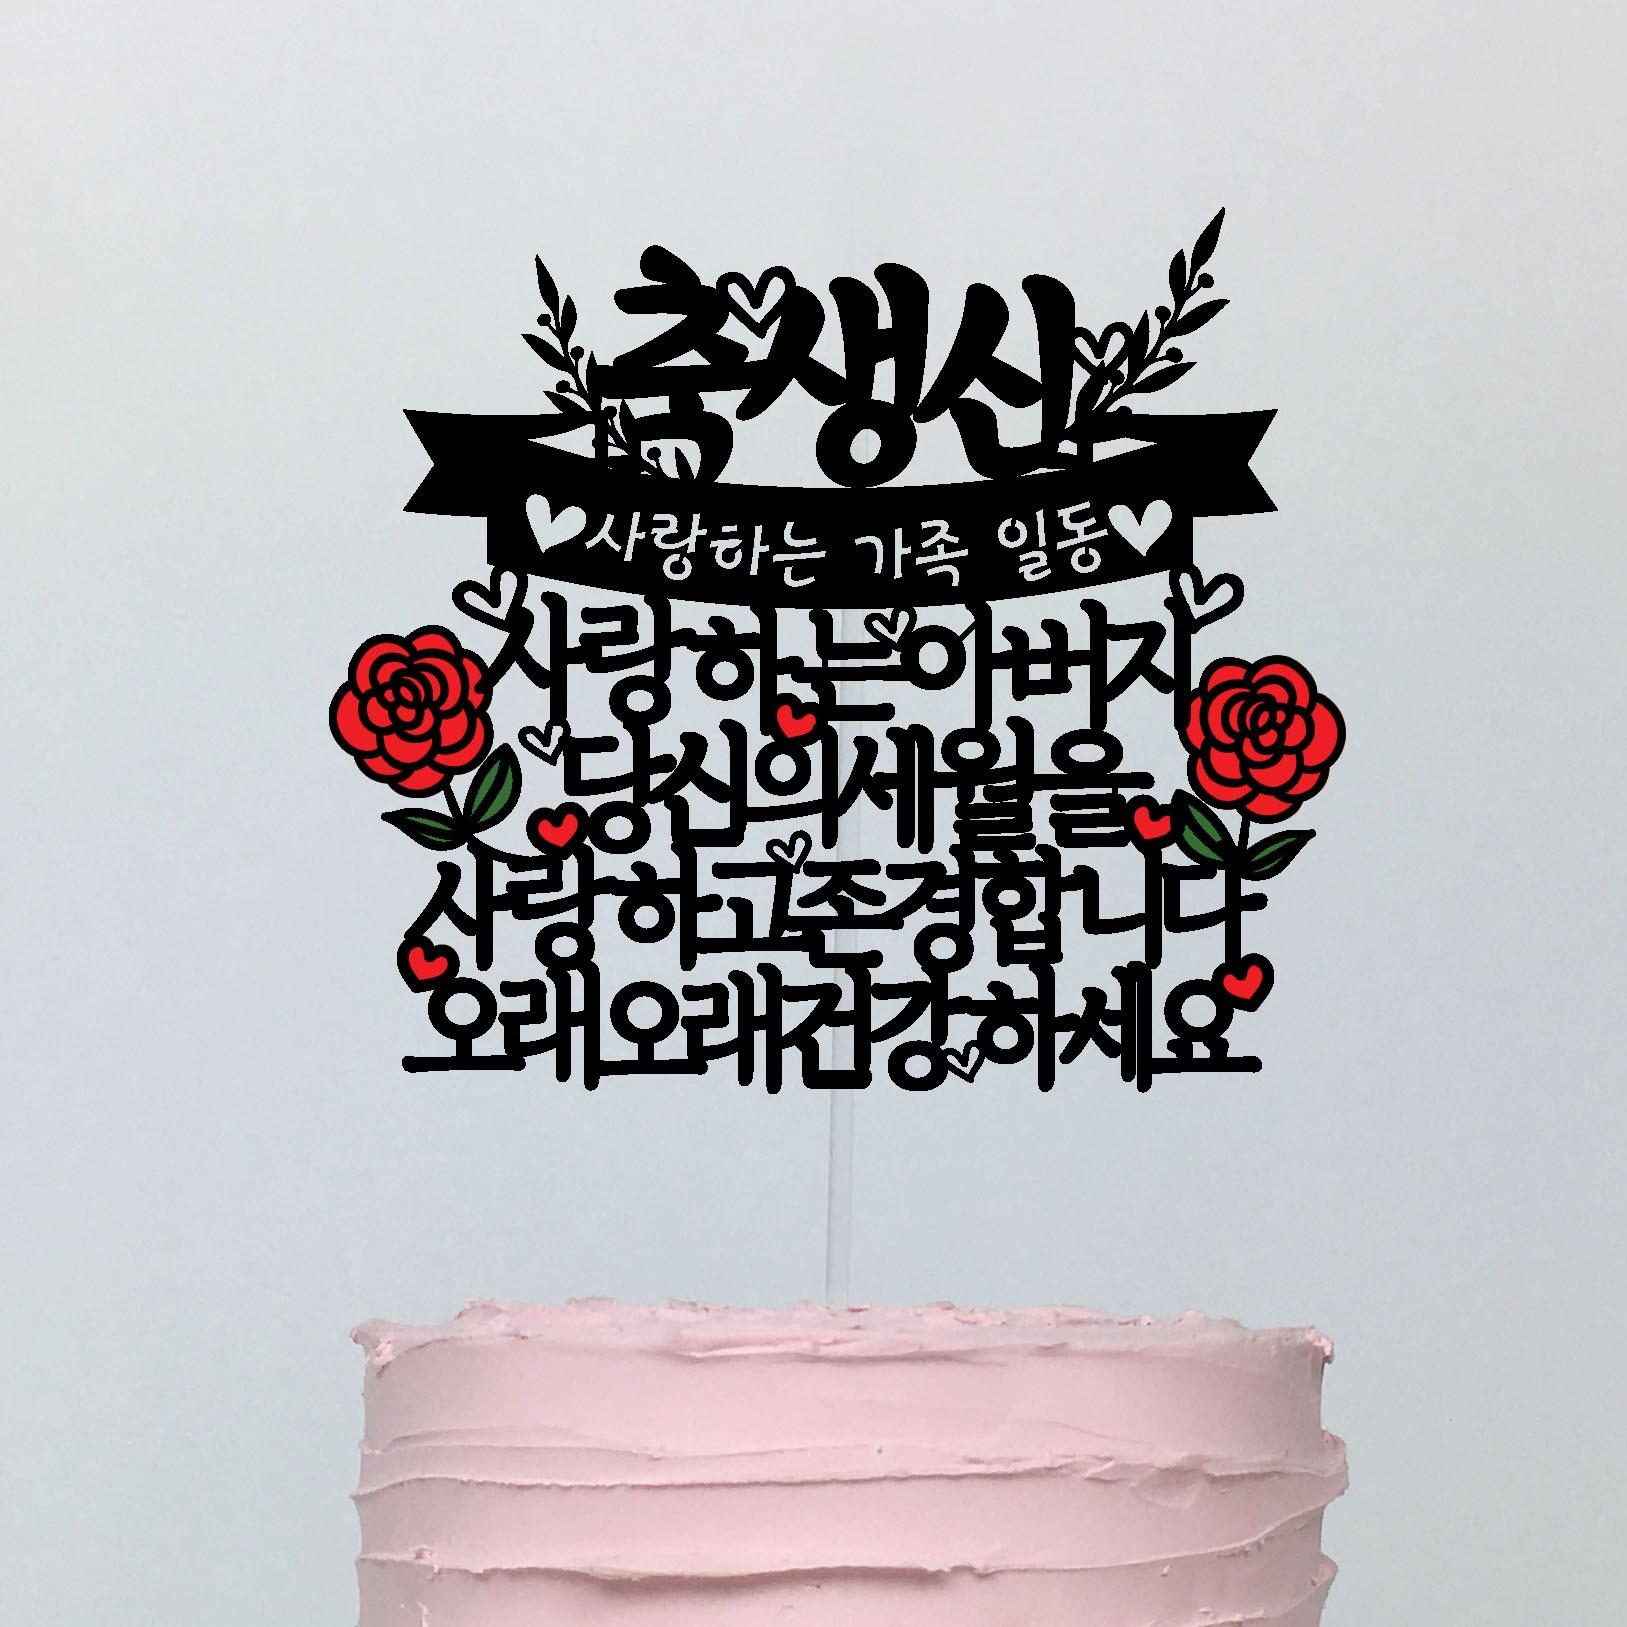 써봄토퍼 부모님선물 편지 생신 환갑 고희 케이크토퍼, 축생신-아버지